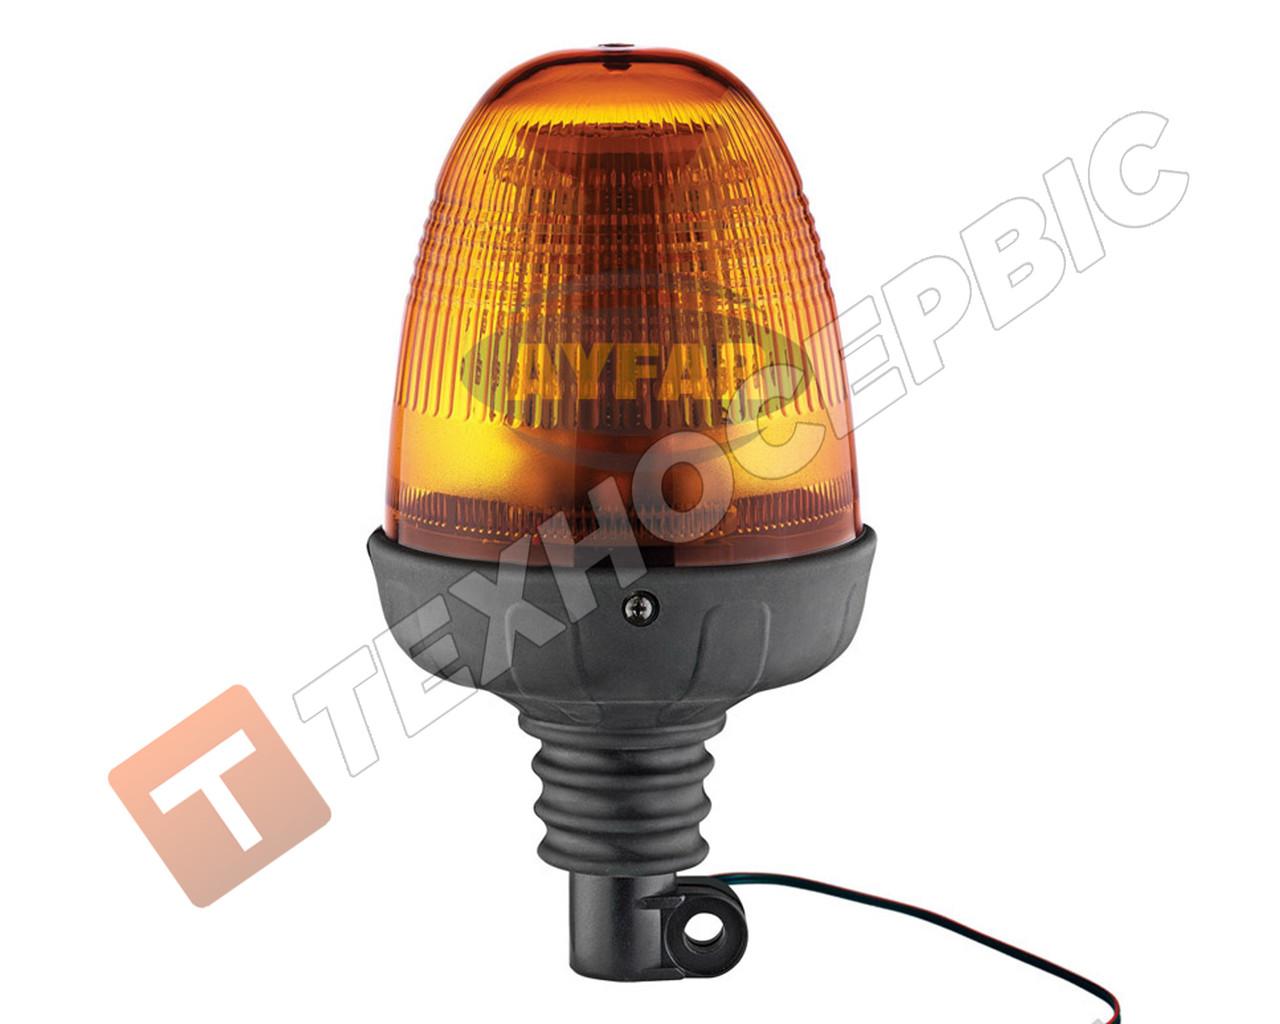 Маячок проблесковый оранжевый LED под шток Турция TR 518-6